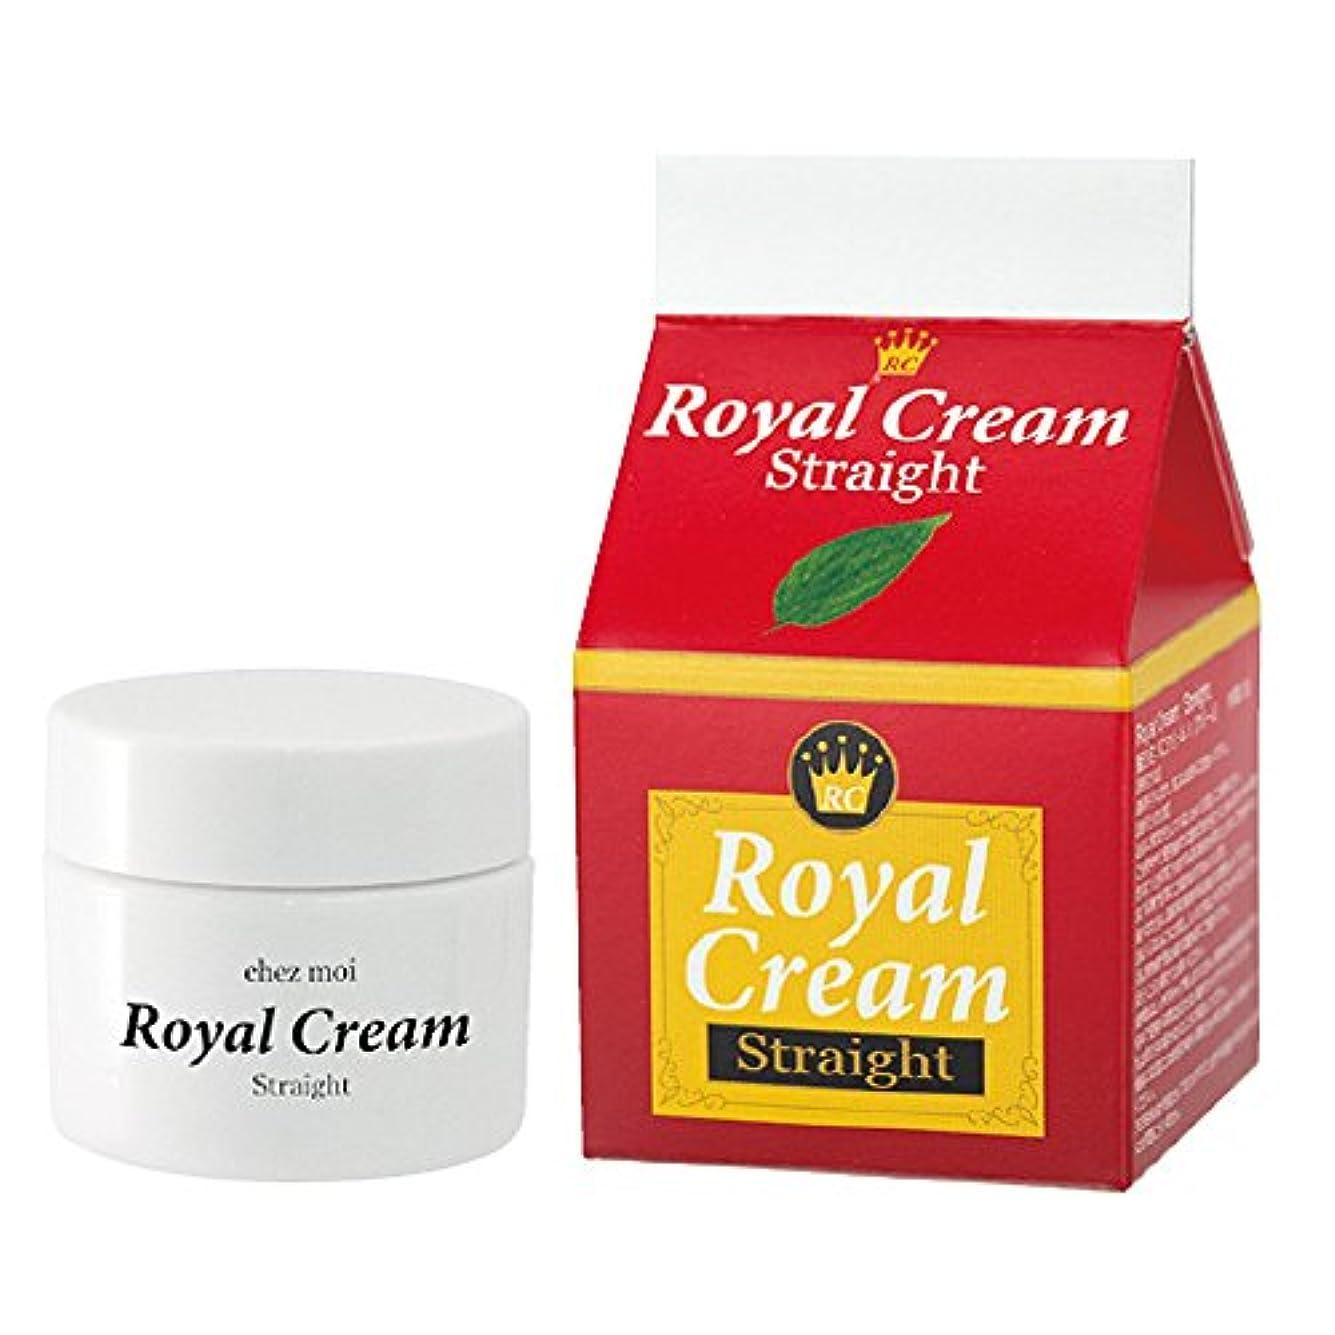 アクセスできないコーンペーストシェモア Royal Cream Straight(ロイヤルクリームストレート) 30g